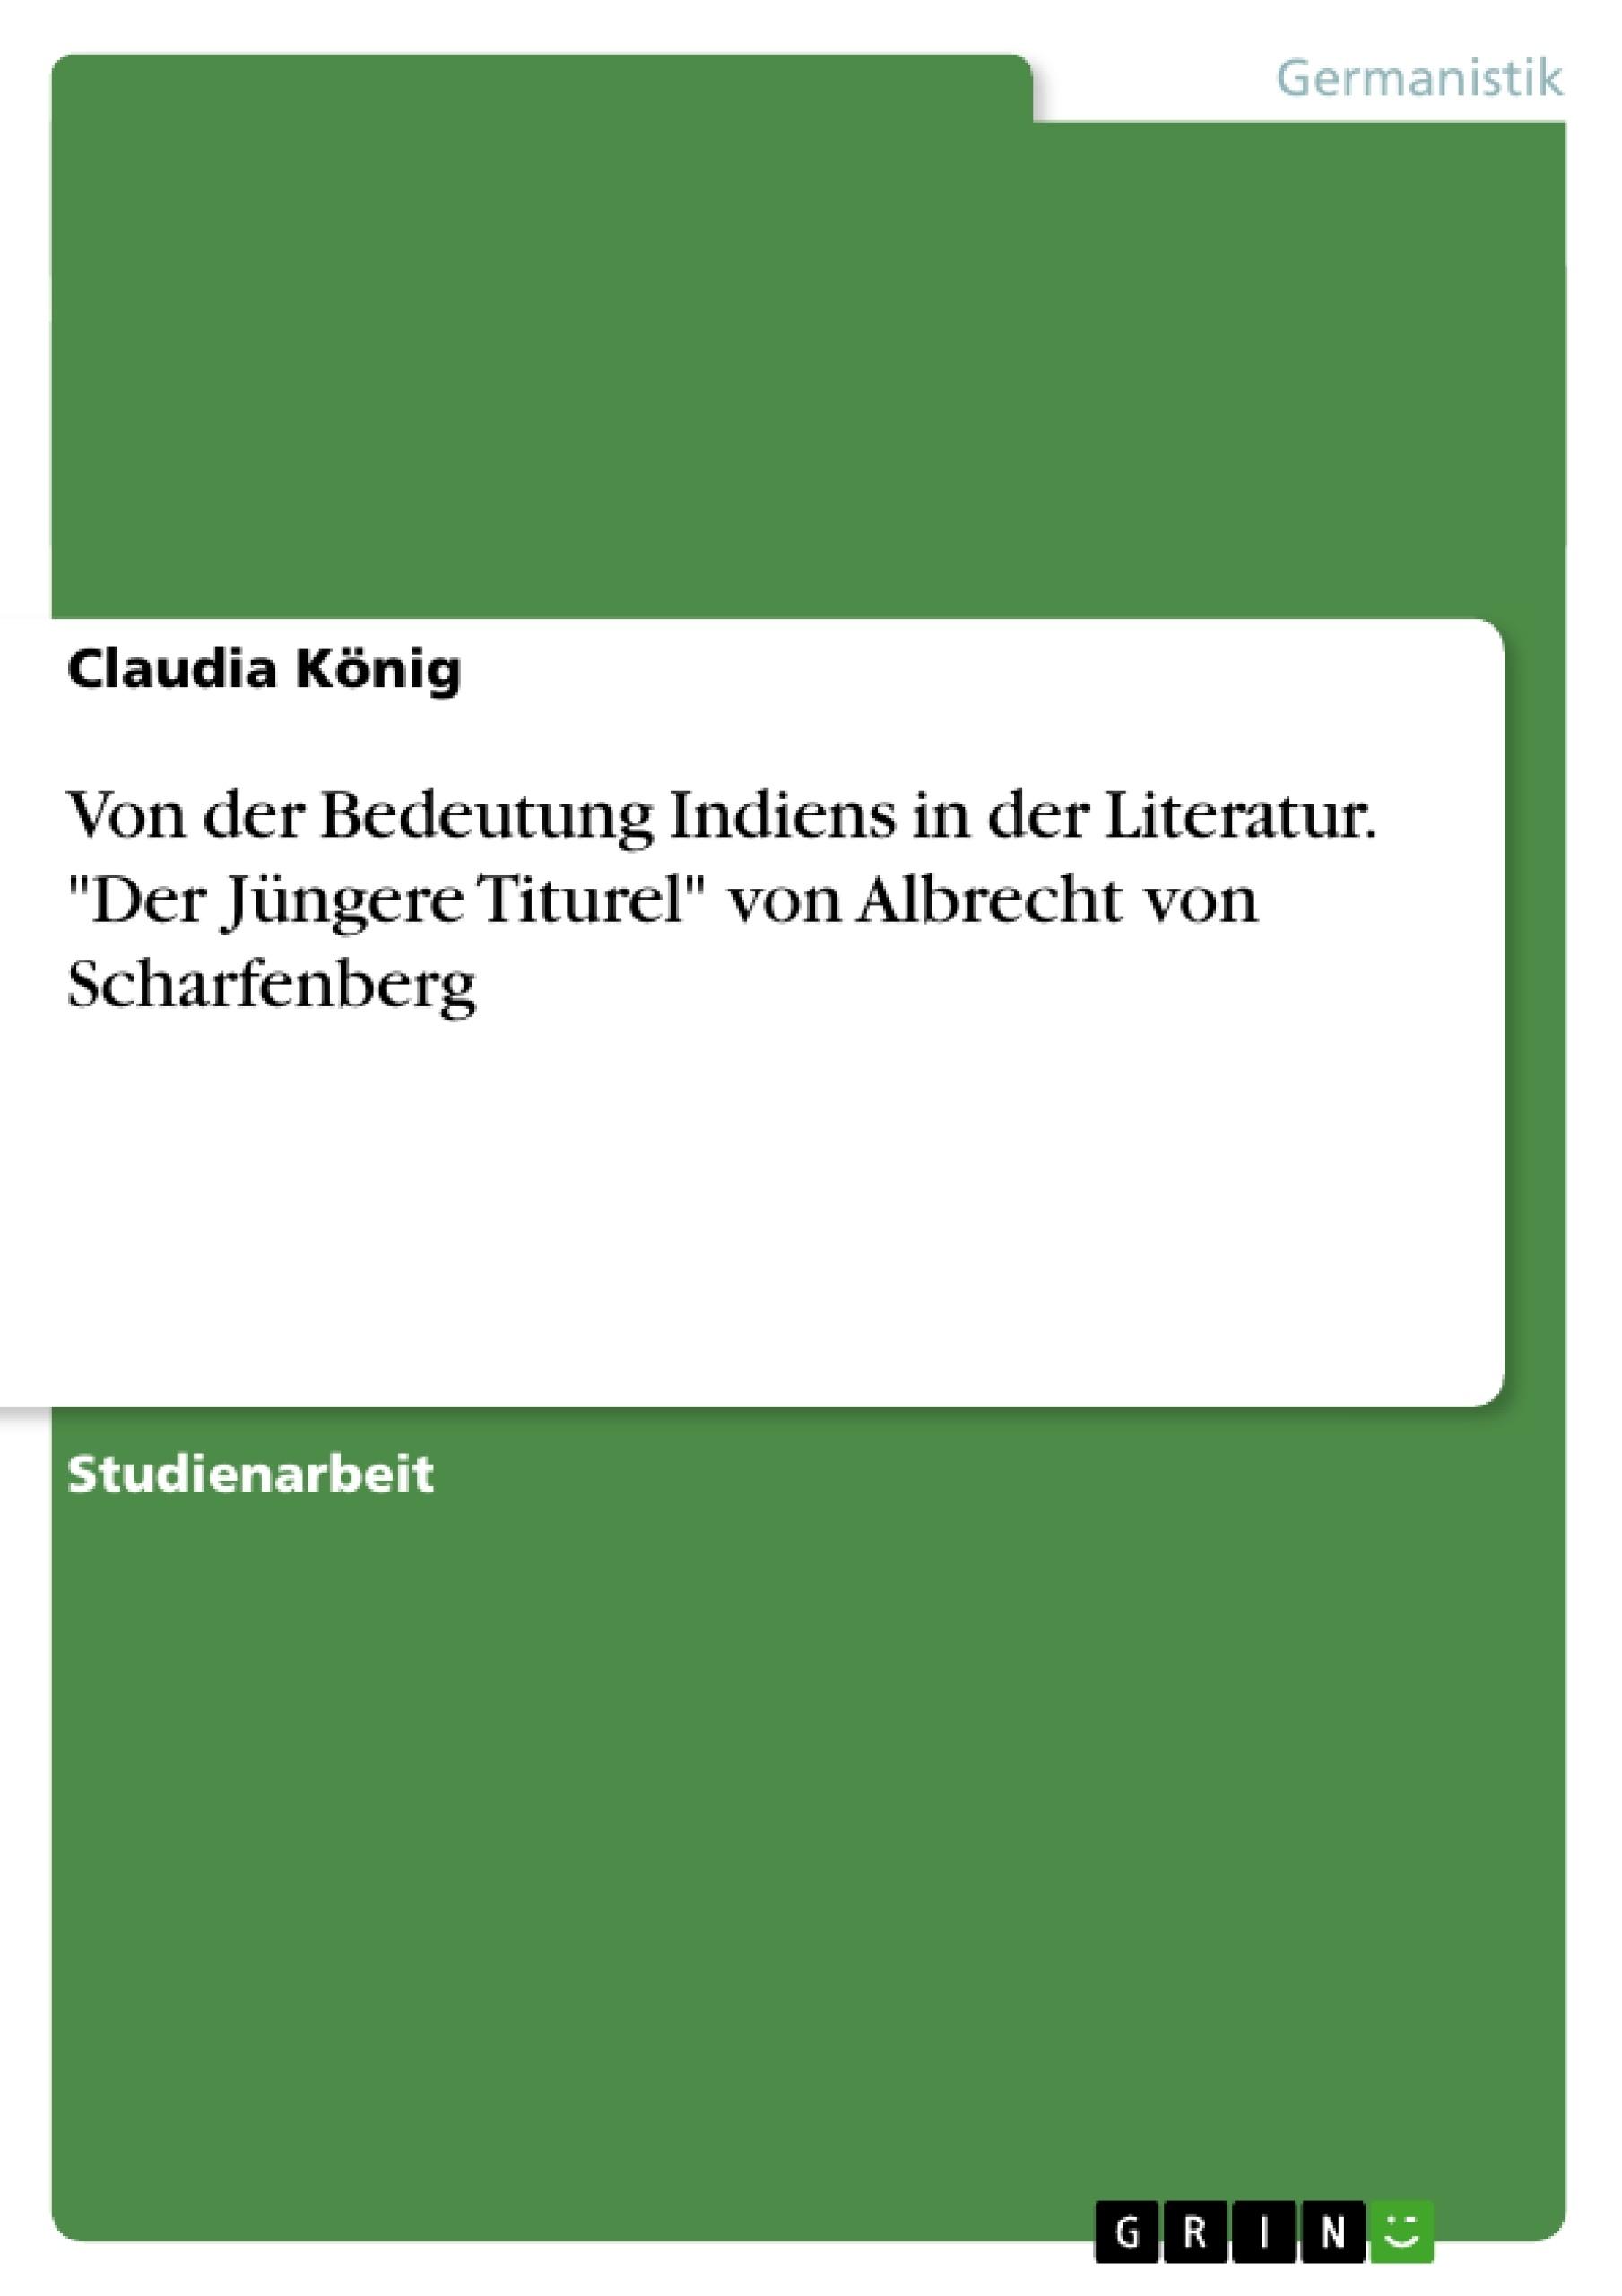 """Titel: Von der Bedeutung Indiens in der Literatur. """"Der Jüngere Titurel"""" von Albrecht von Scharfenberg"""